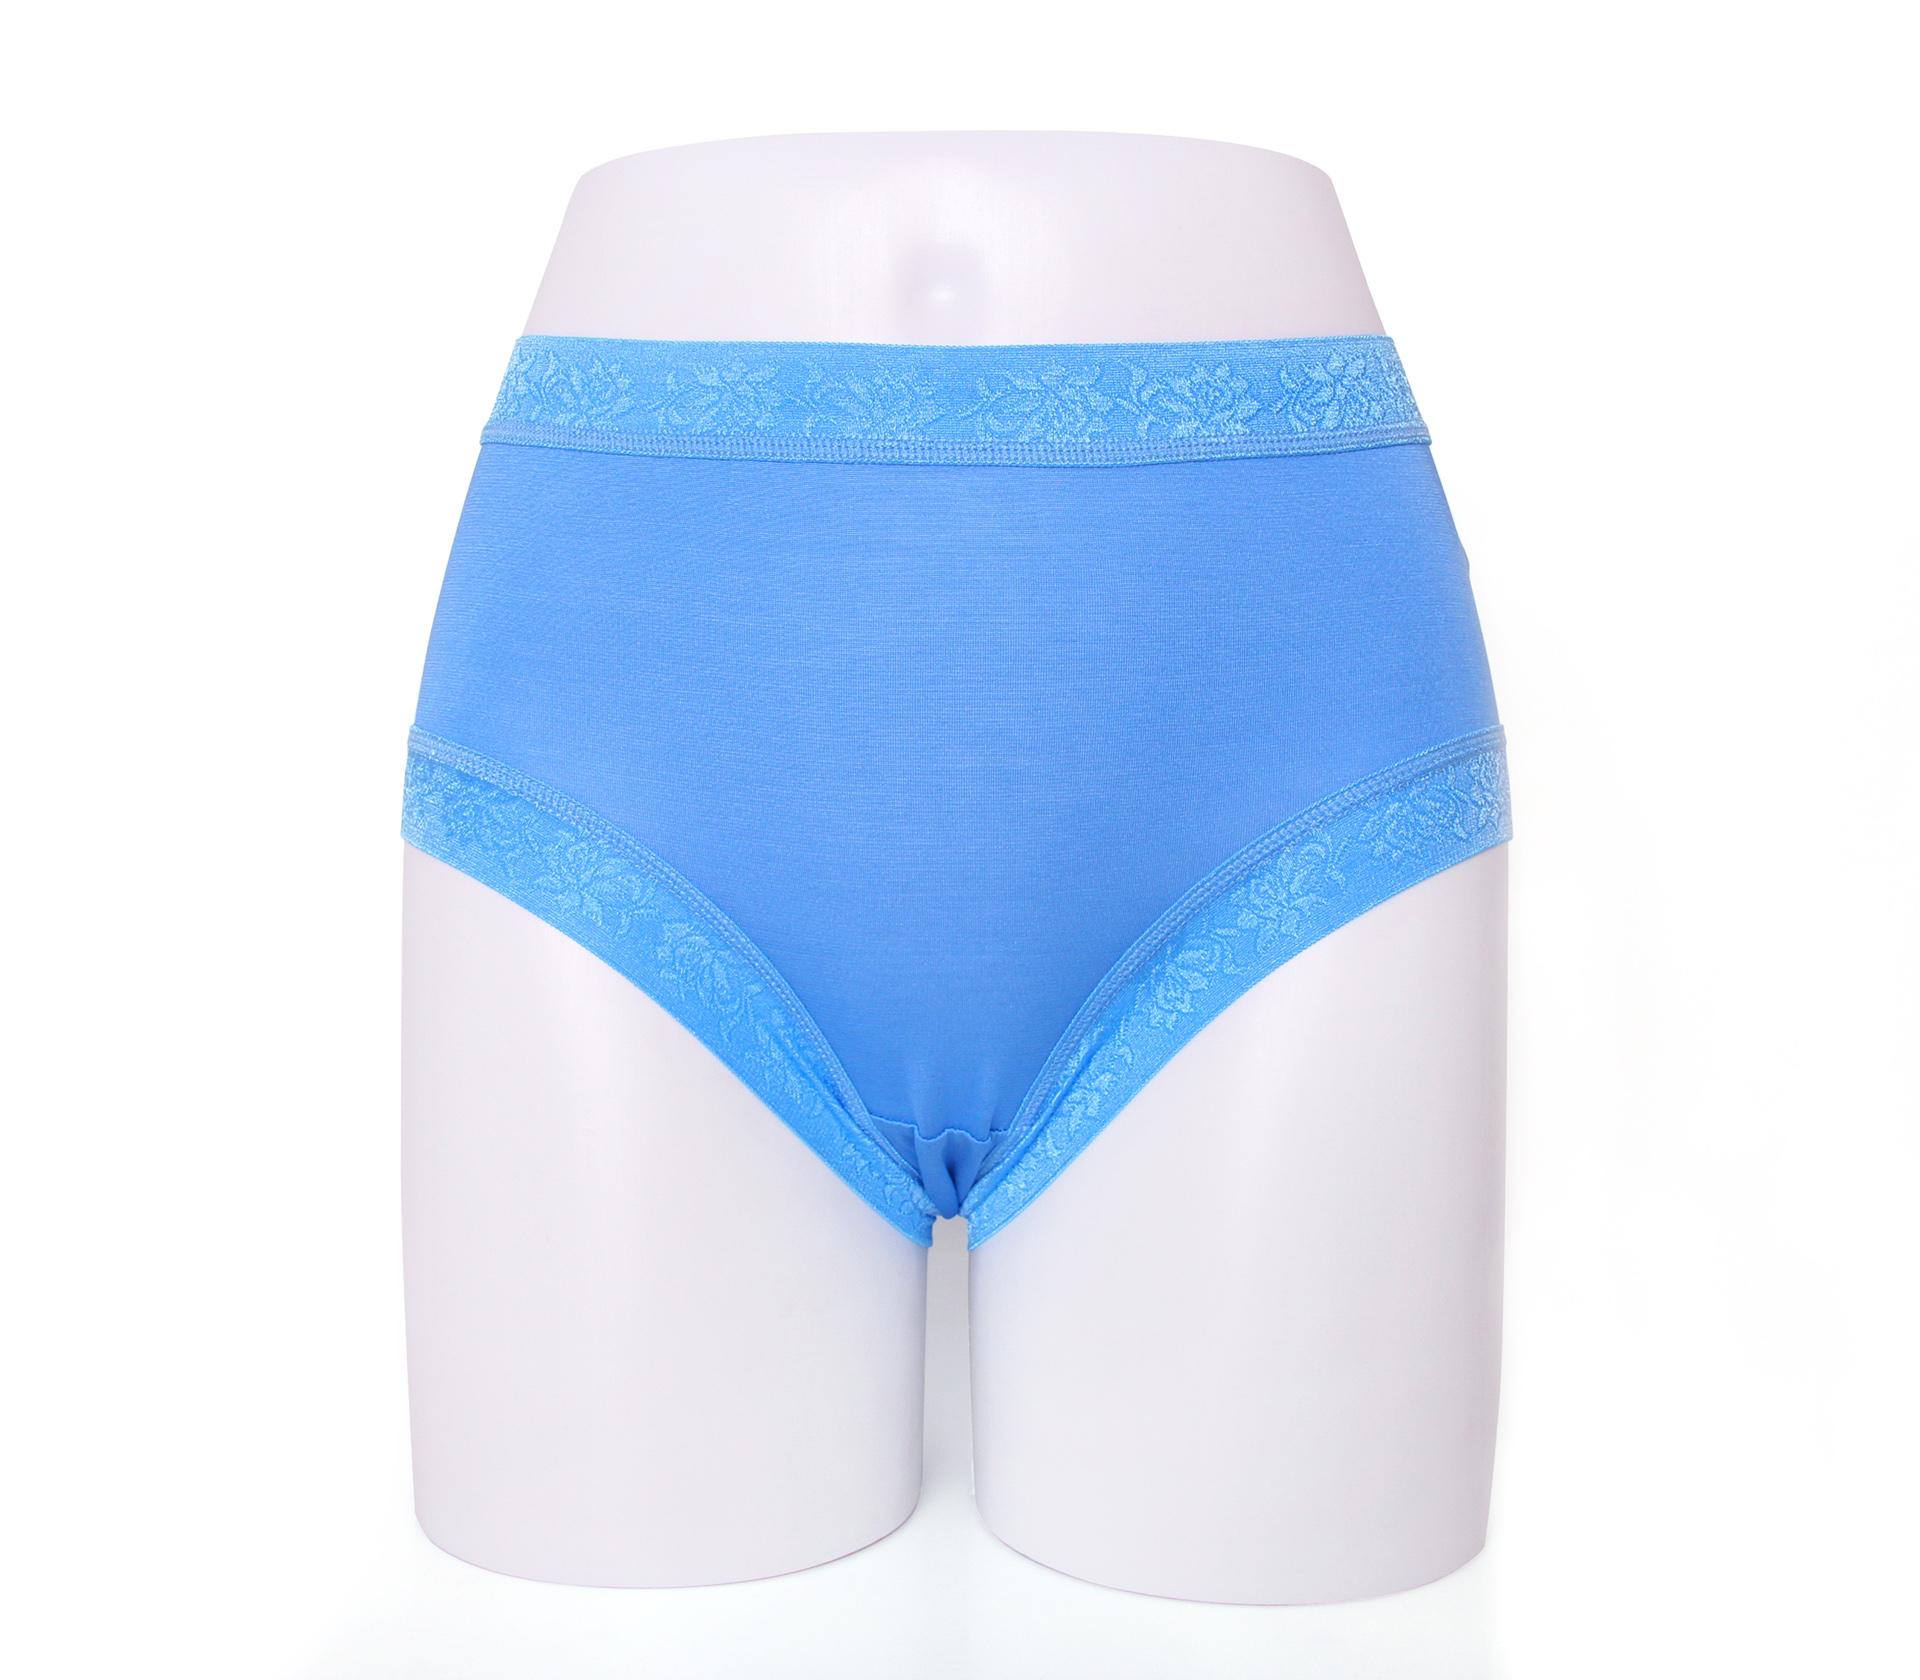 闕蘭絹舒涼無痕100%蠶絲內褲-88904(藍)